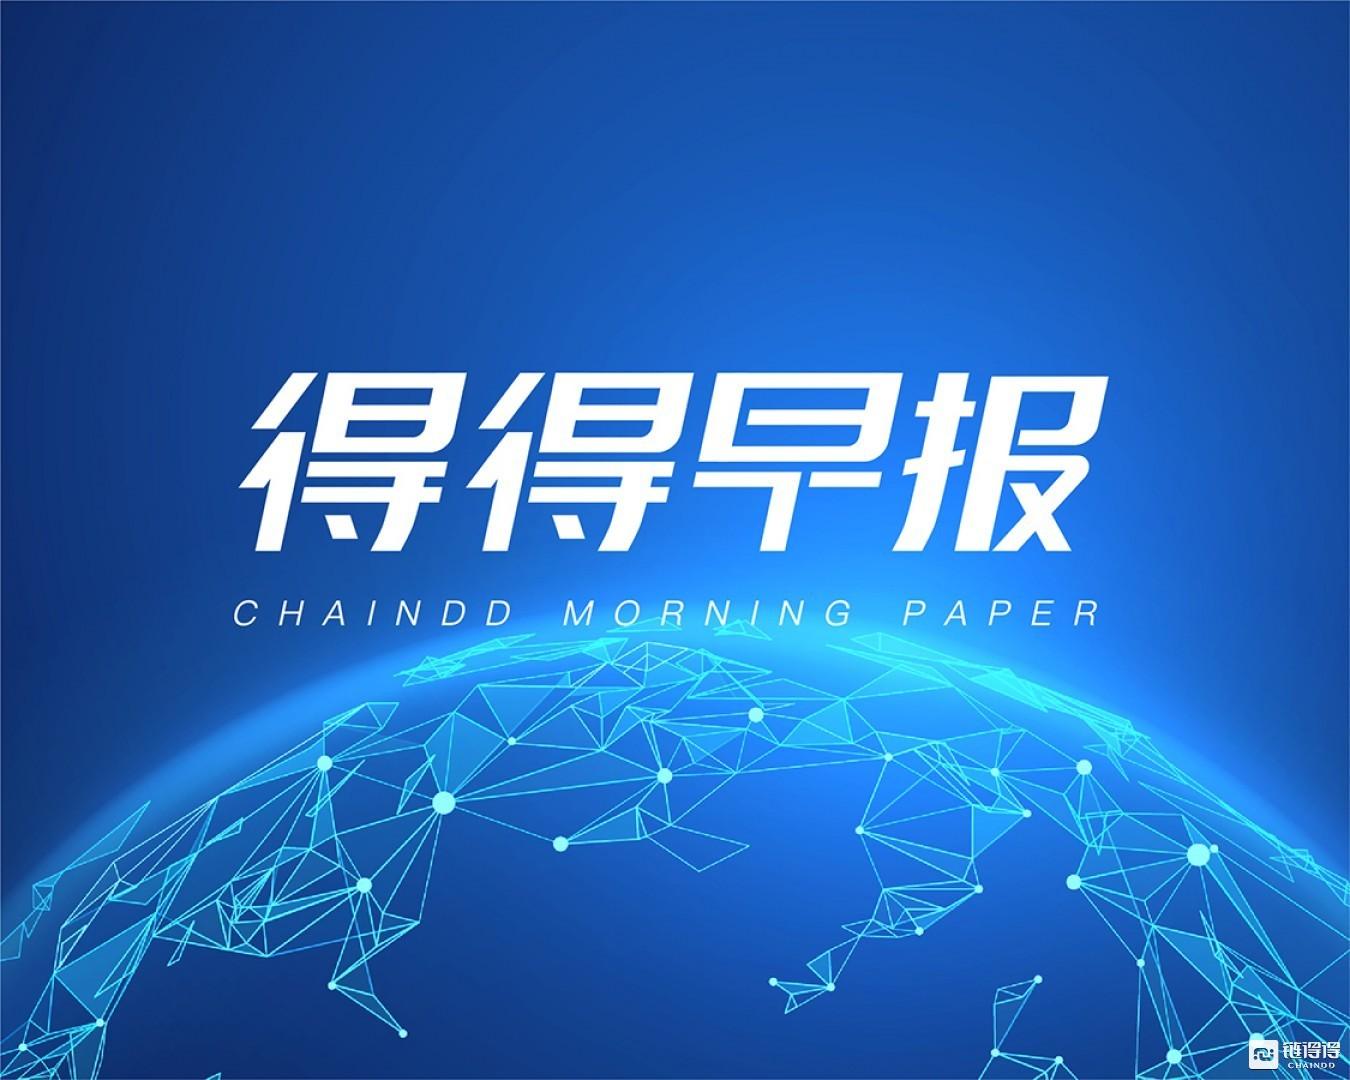 区块链-【链得得早报】毕马威报告:2019年全球区块链和加密货币投资总额47亿美元